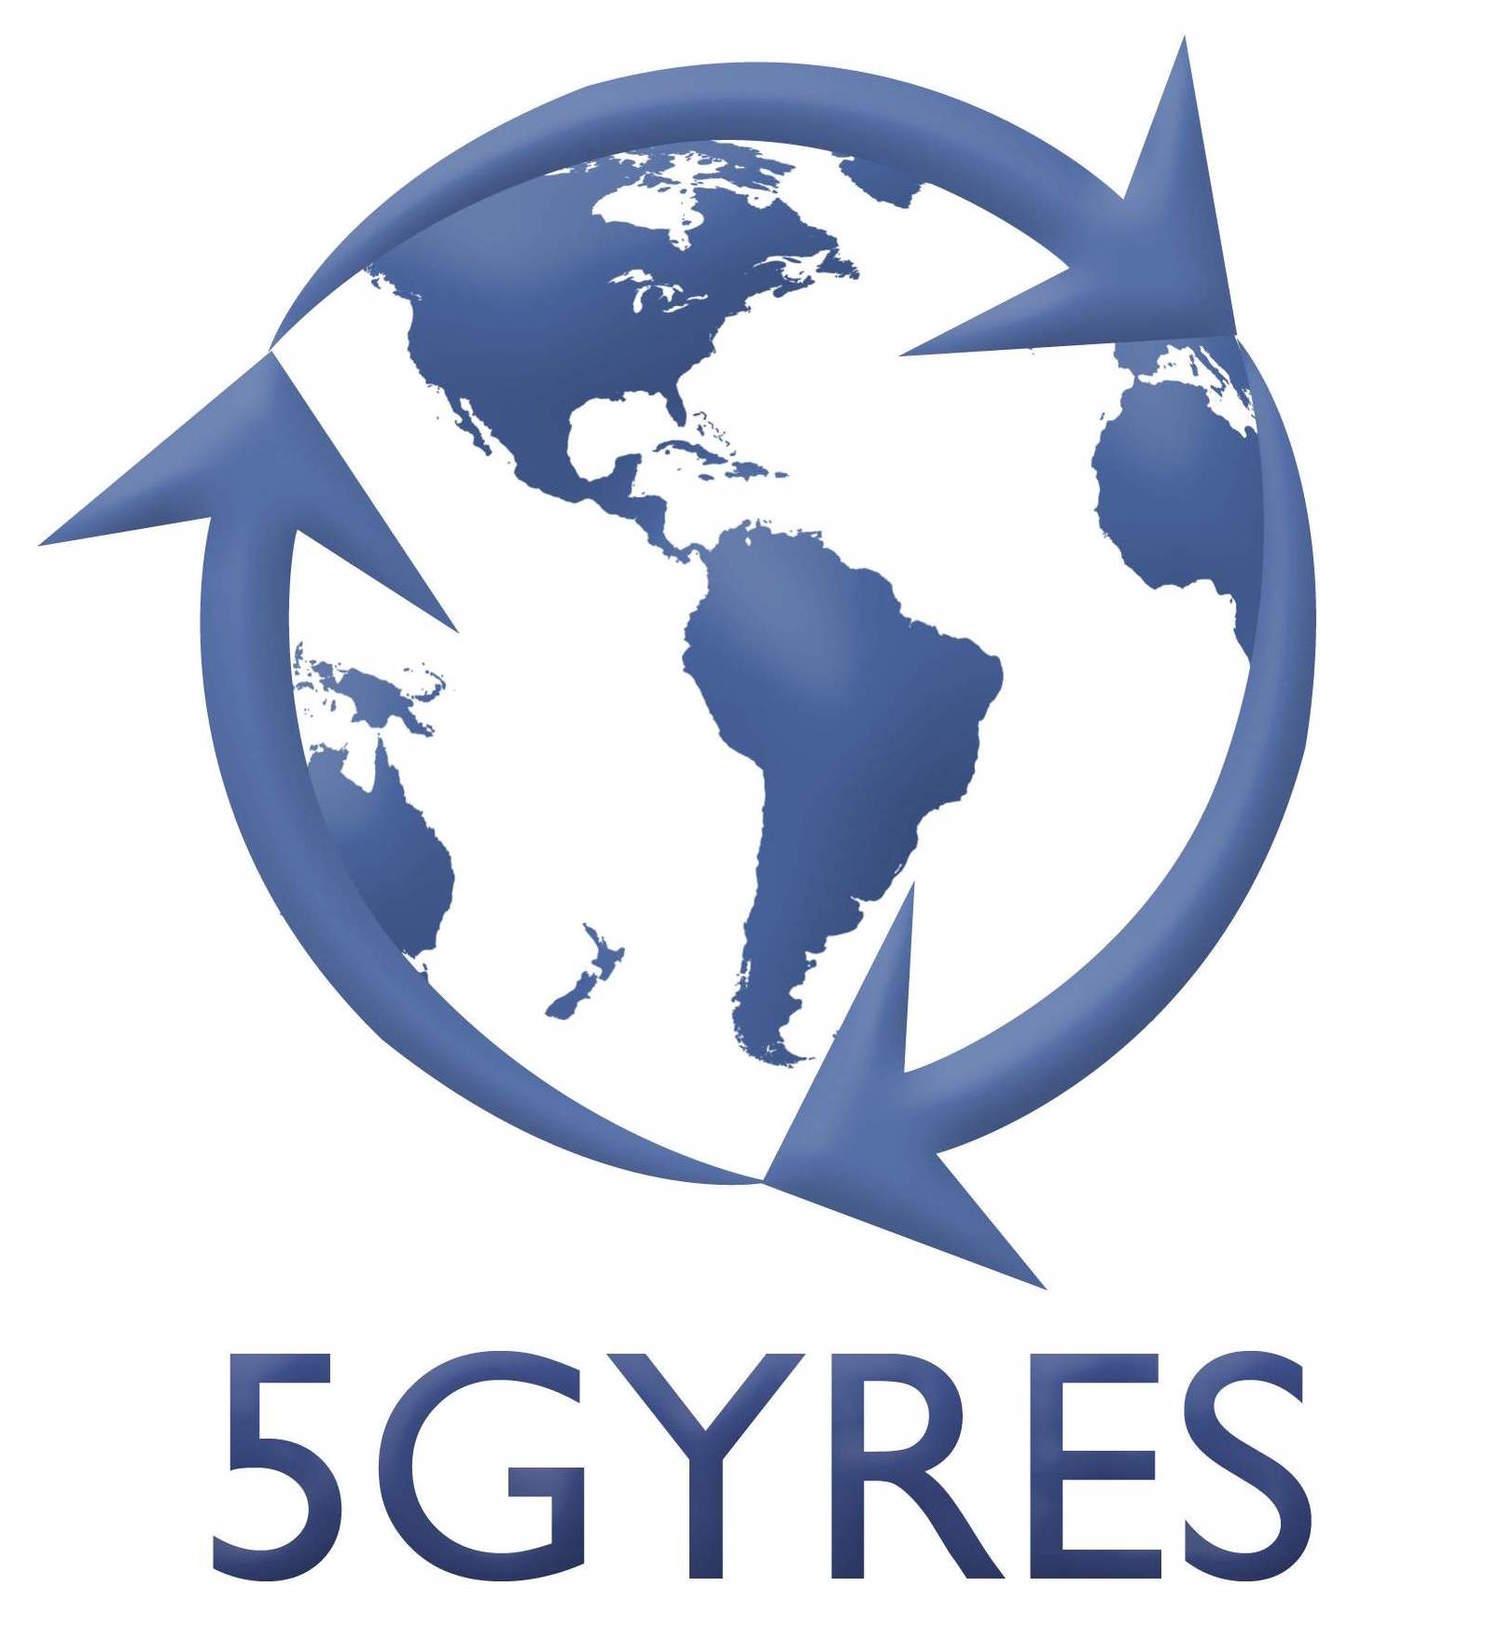 5Gyres.org